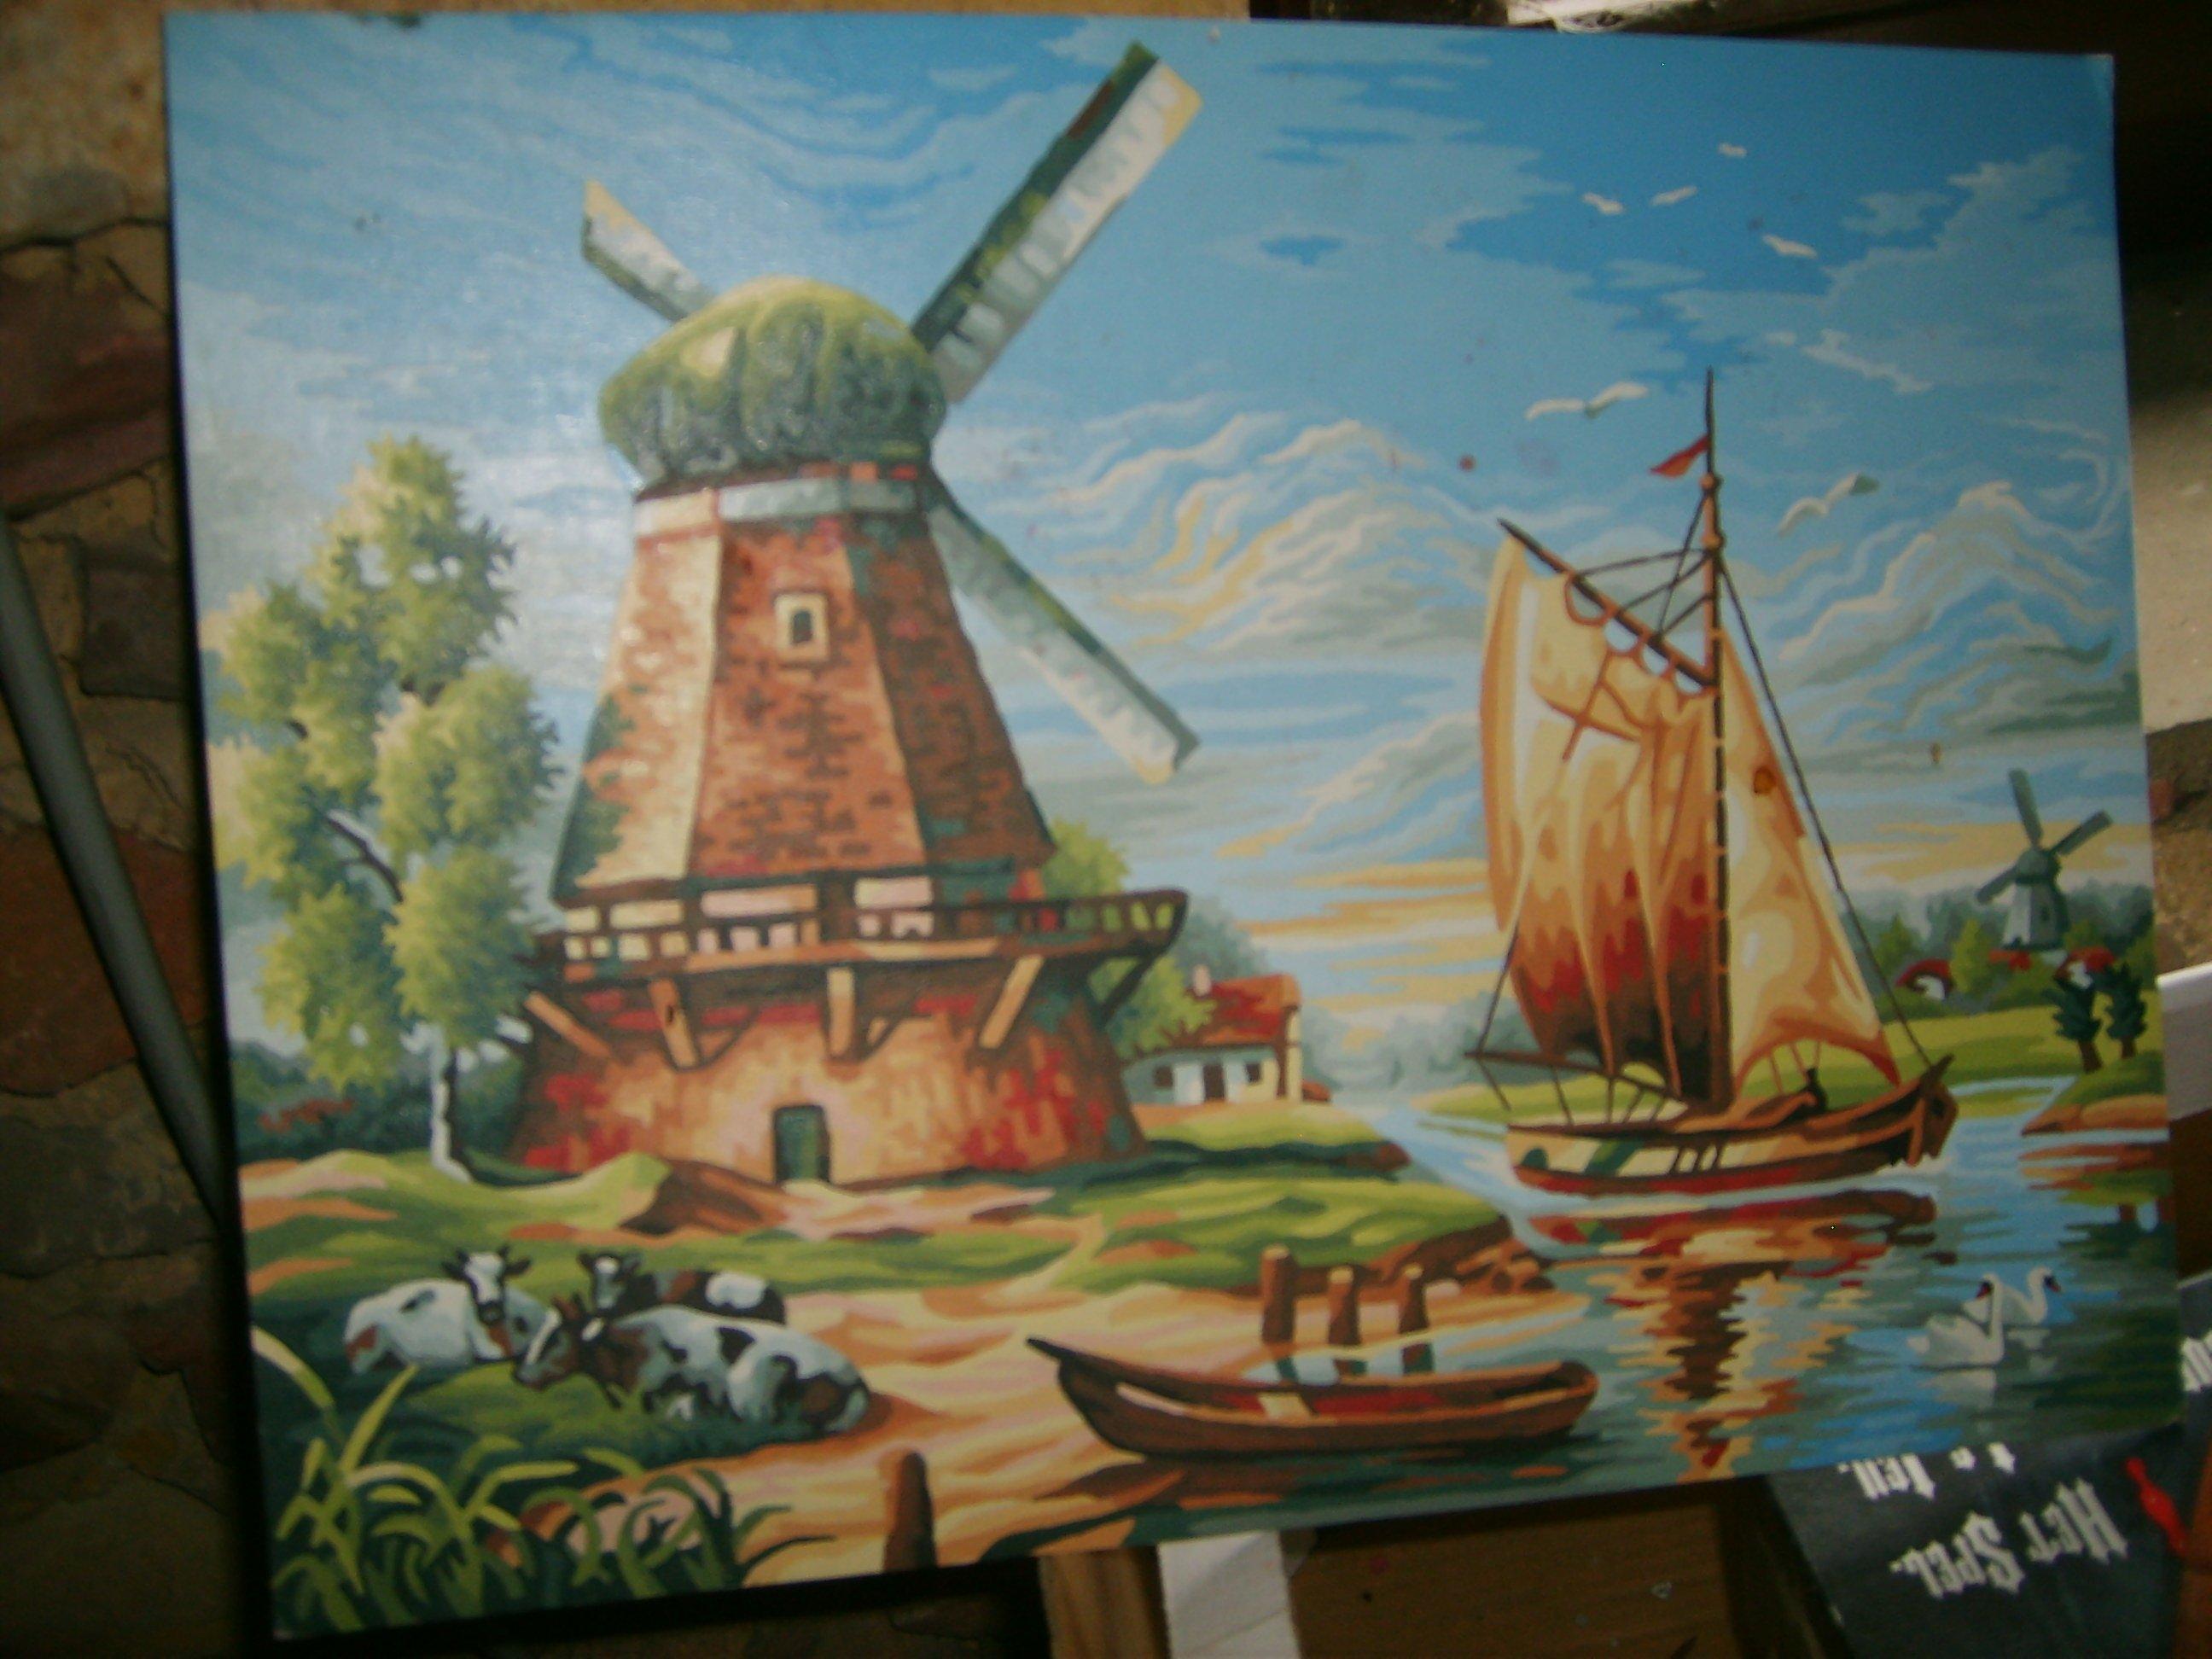 Tableau peinture d un moulin avec bateau at monpetitbazaramoi for Peinture interieur bateau